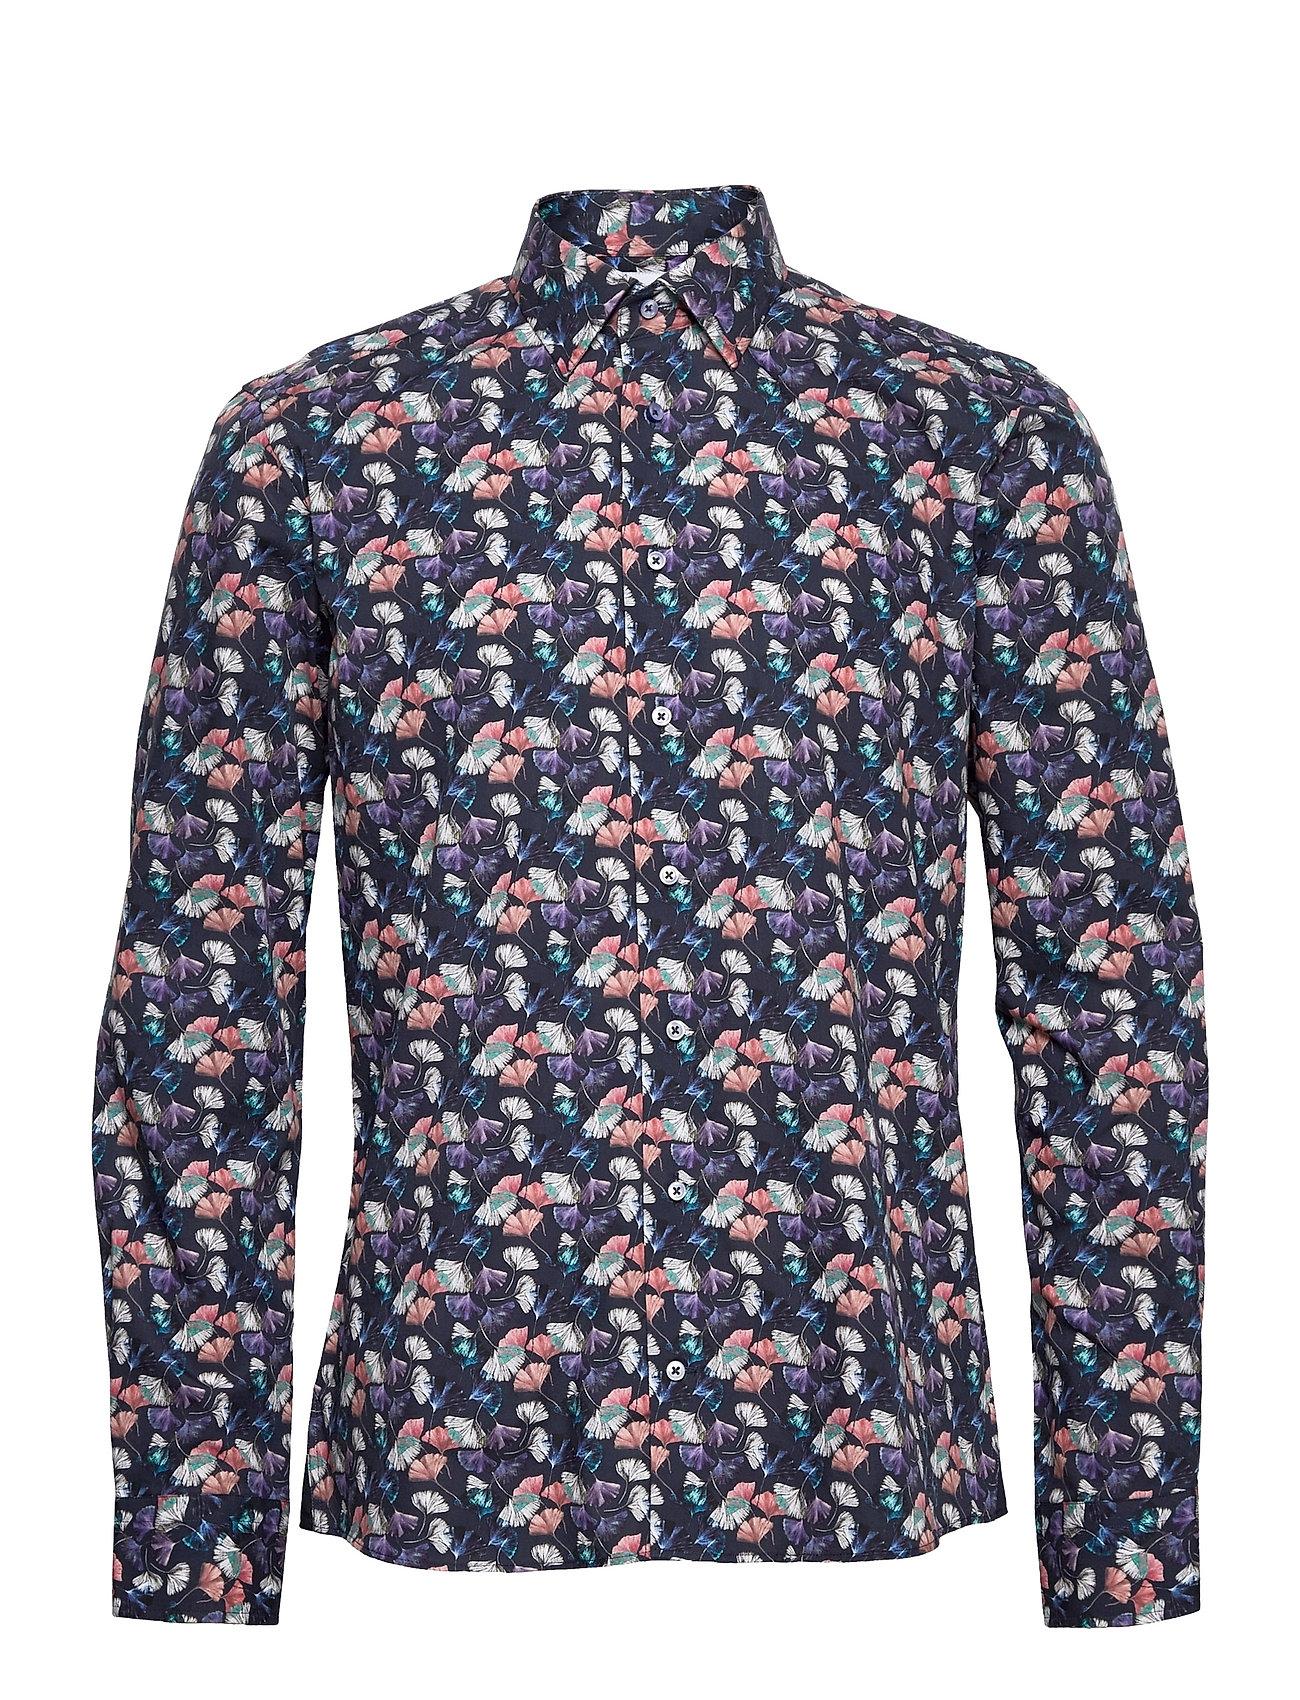 8917 - Gordon Sc Skjorte Casual Blå XO Shirtmaker By Sand Copenhagen